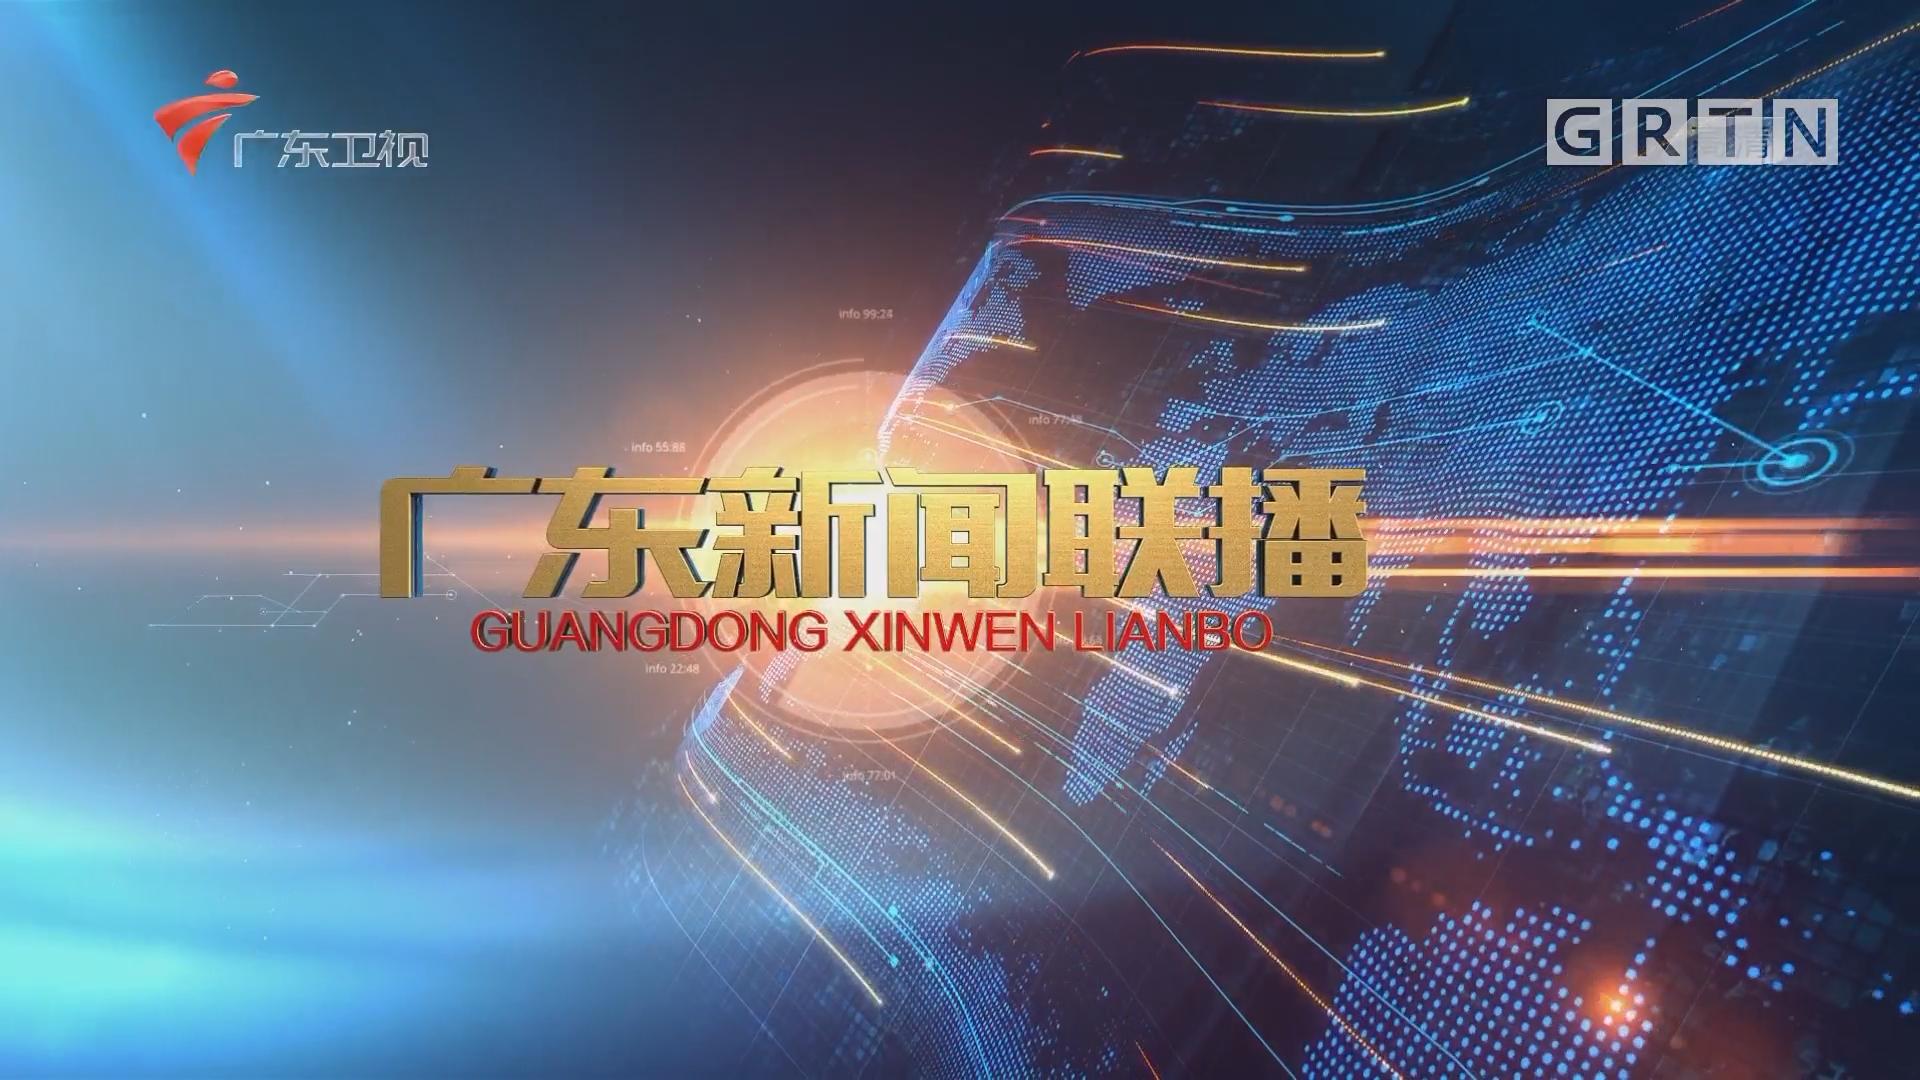 [HD][2018-11-16]广东新闻联播:李希马兴瑞出席第124届中国进出口商品交易会